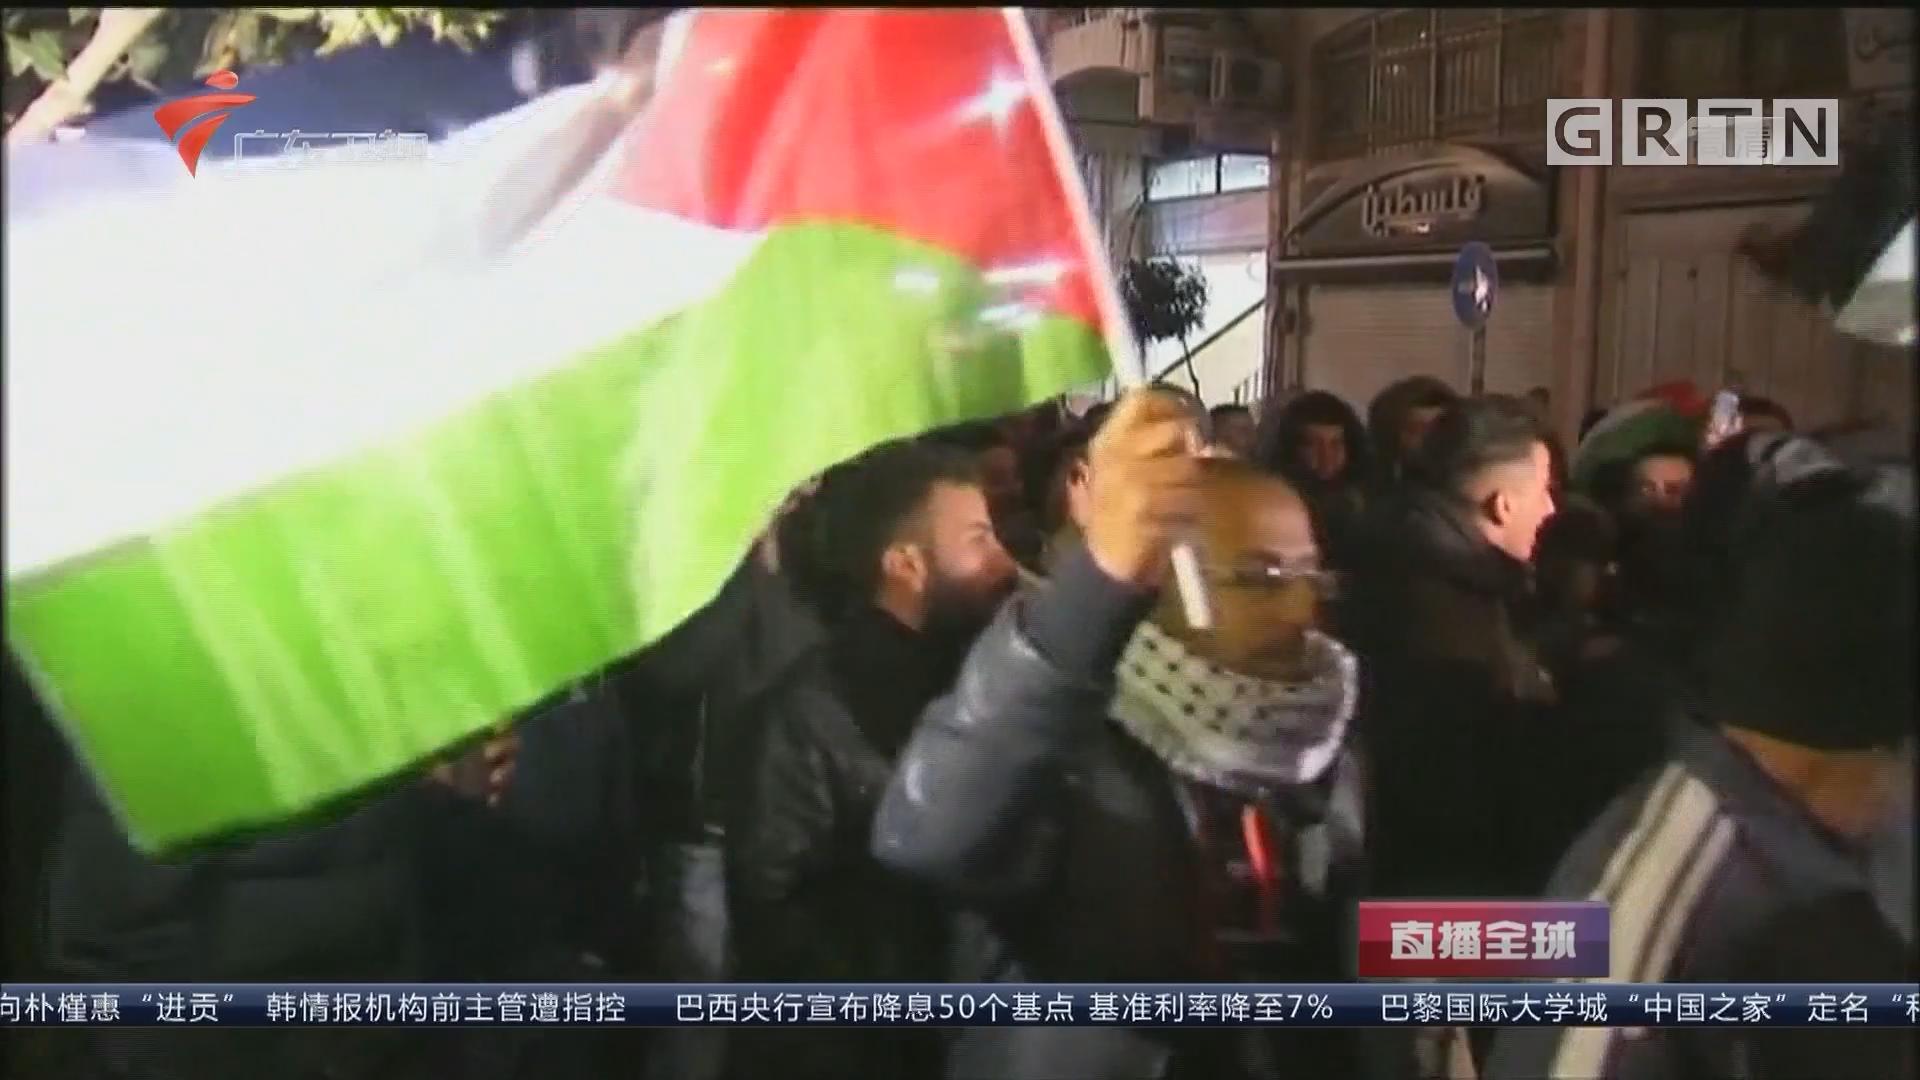 """美国""""捅了马蜂窝"""" 国际社会强烈反弹 巴勒斯坦强烈反对"""